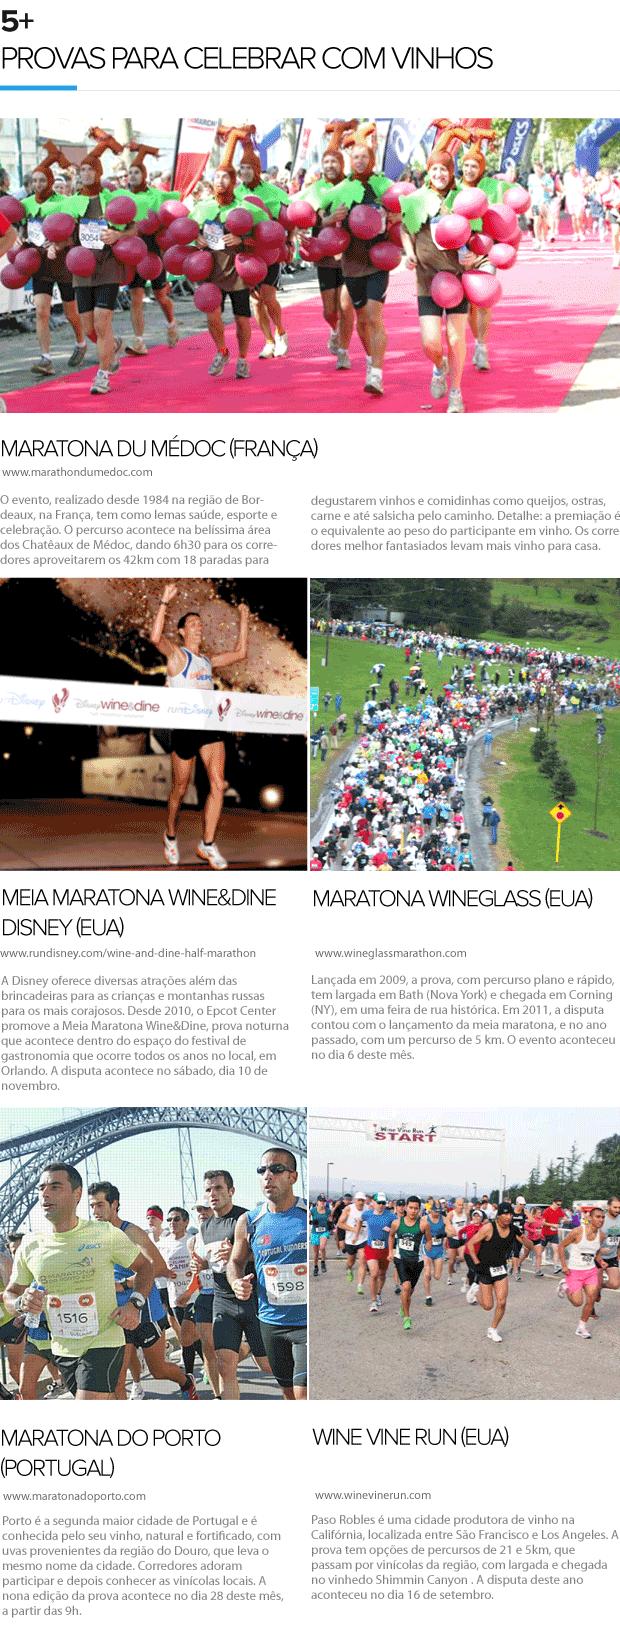 5+ PROVAS PARA CELEBRAR COM VINHOS, Eu atelta (Foto: Editoria de Arte / Globoesporte.com)